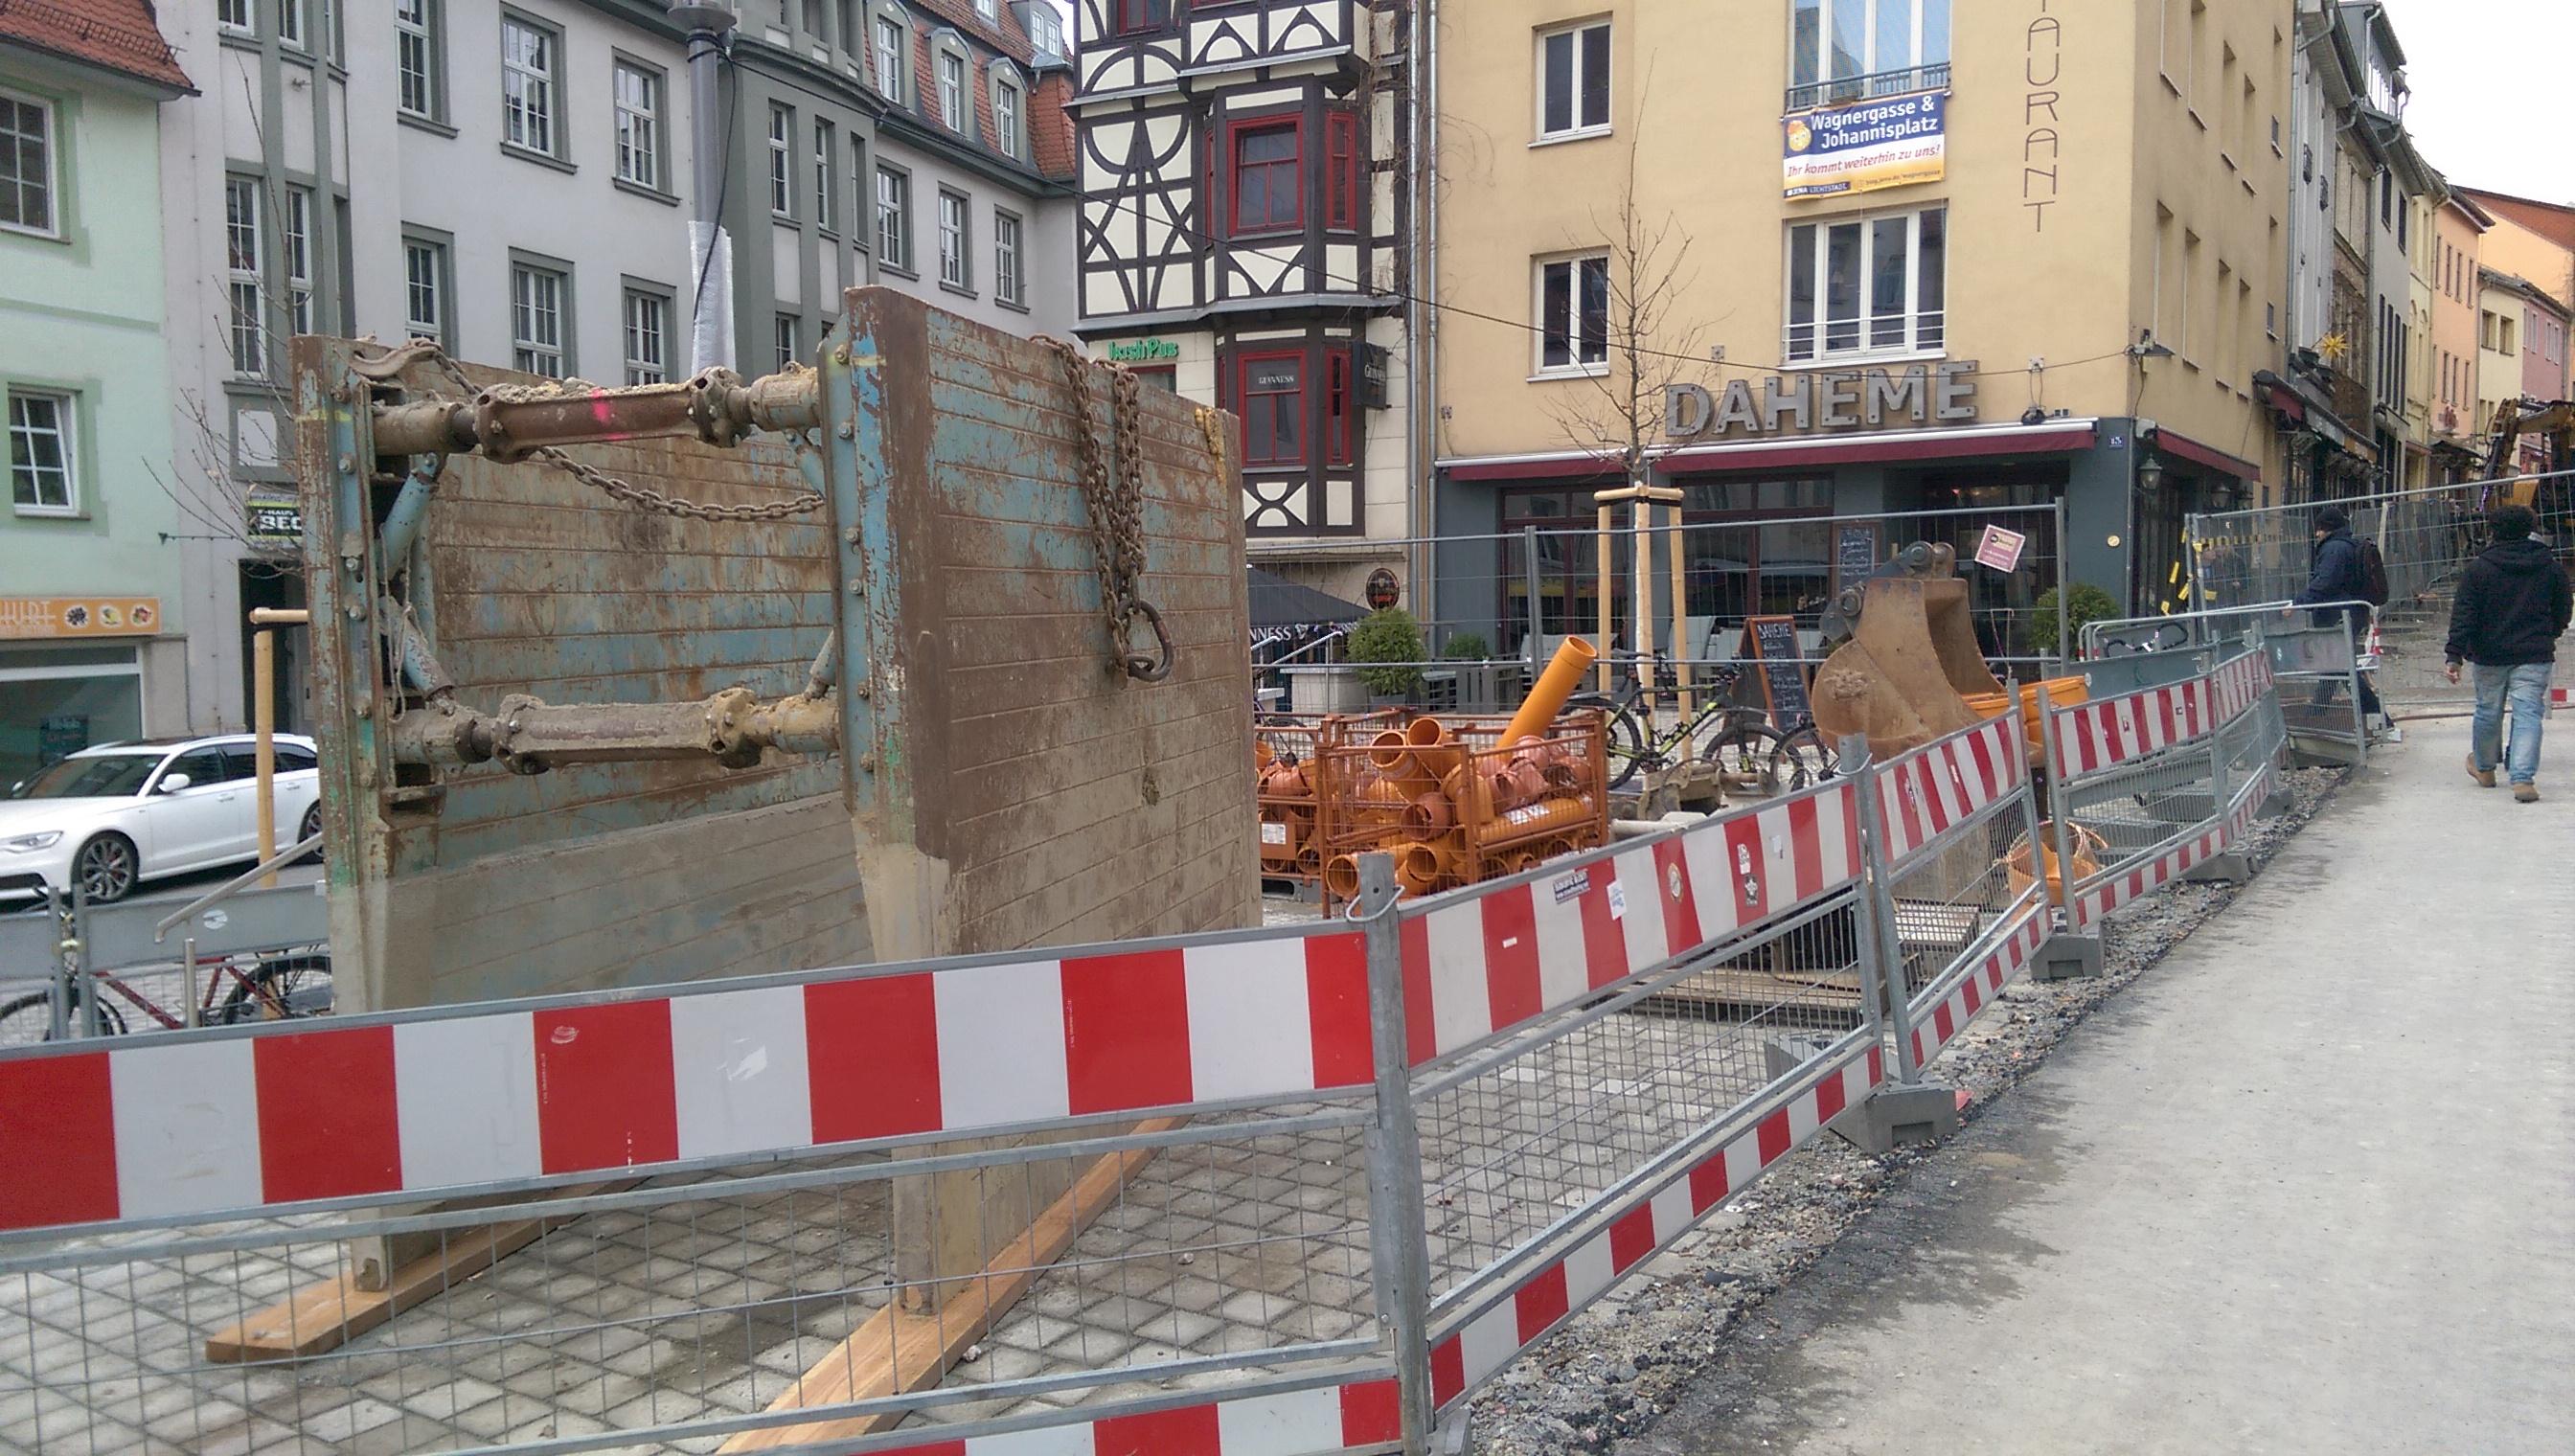 """Die Gaststätte """"Daheme"""" mit Absperrungen auf dem Vorplatz und Baugerät."""